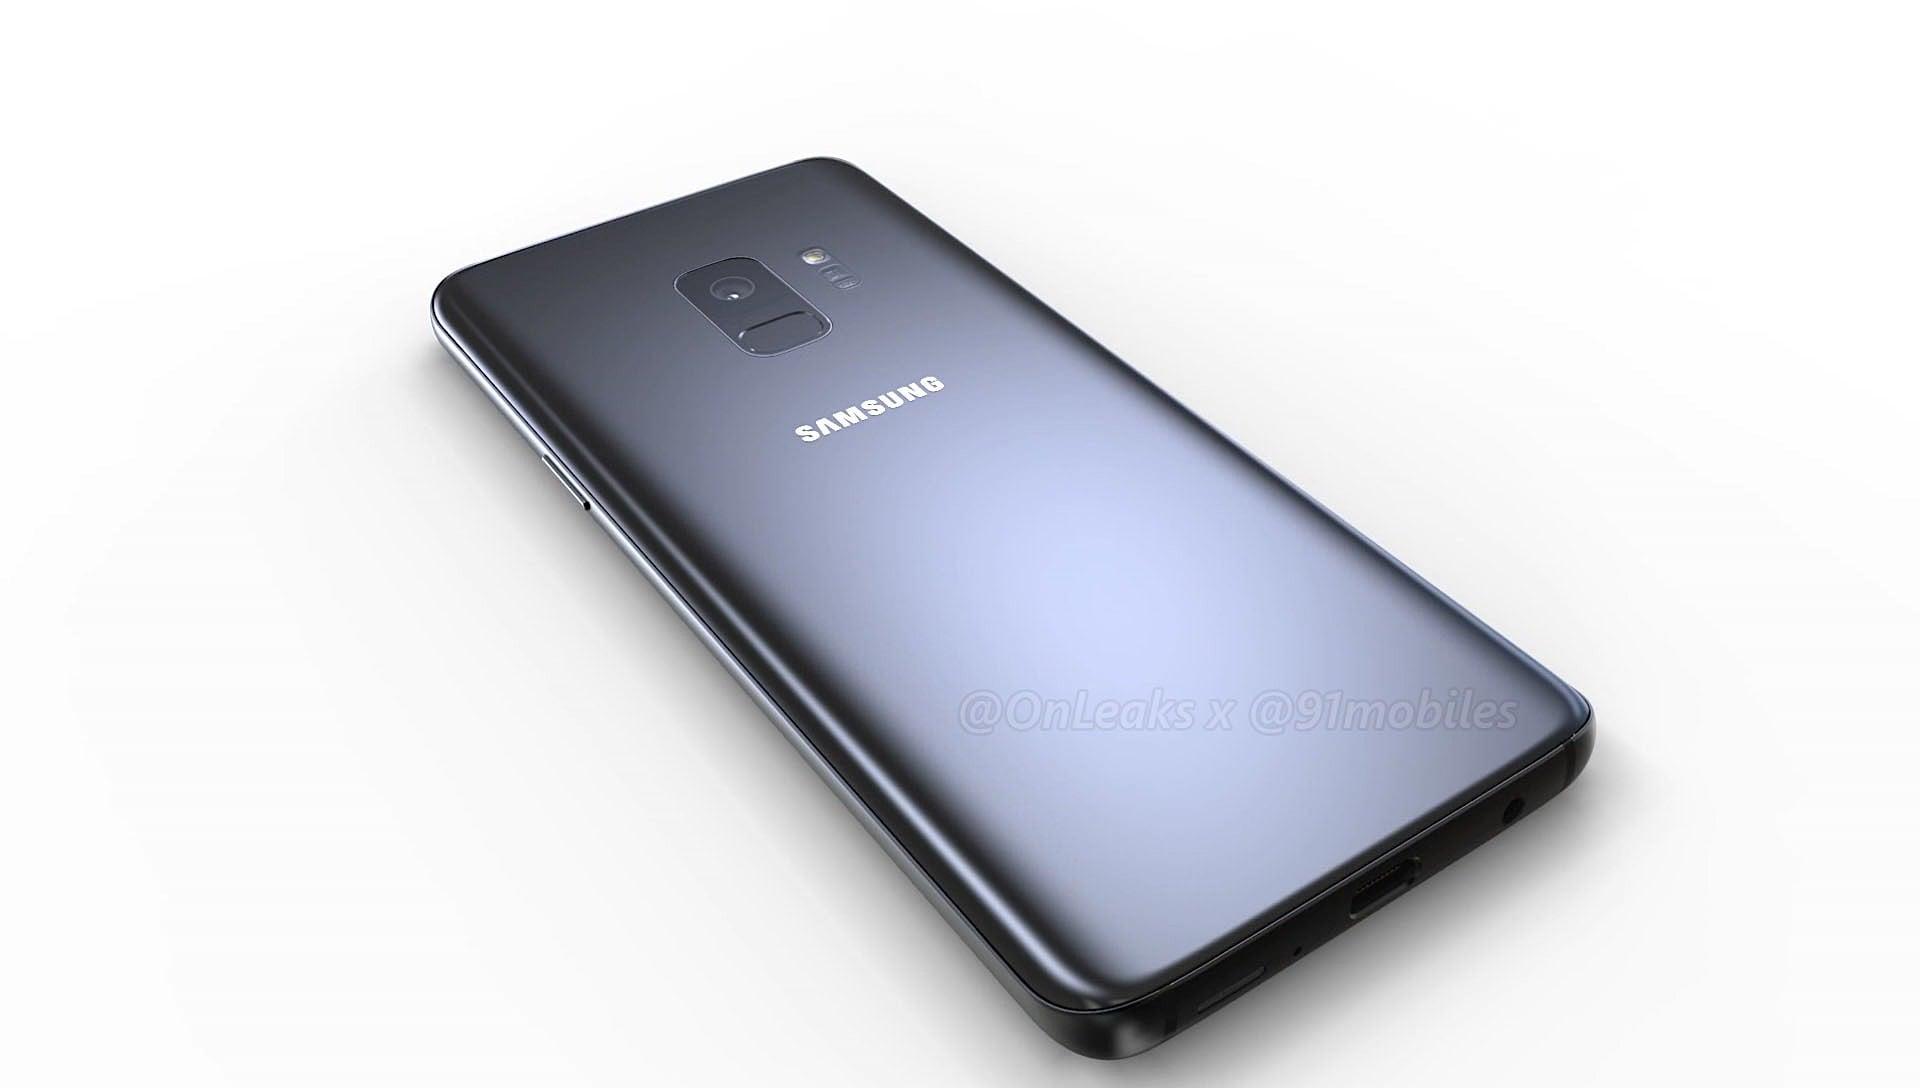 Tabletowo.pl Wyciekła dokładna data premiery Galaxy S9 i Galaxy S9+. Wygląda wiarygodnie Android Plotki / Przecieki Samsung Smartfony